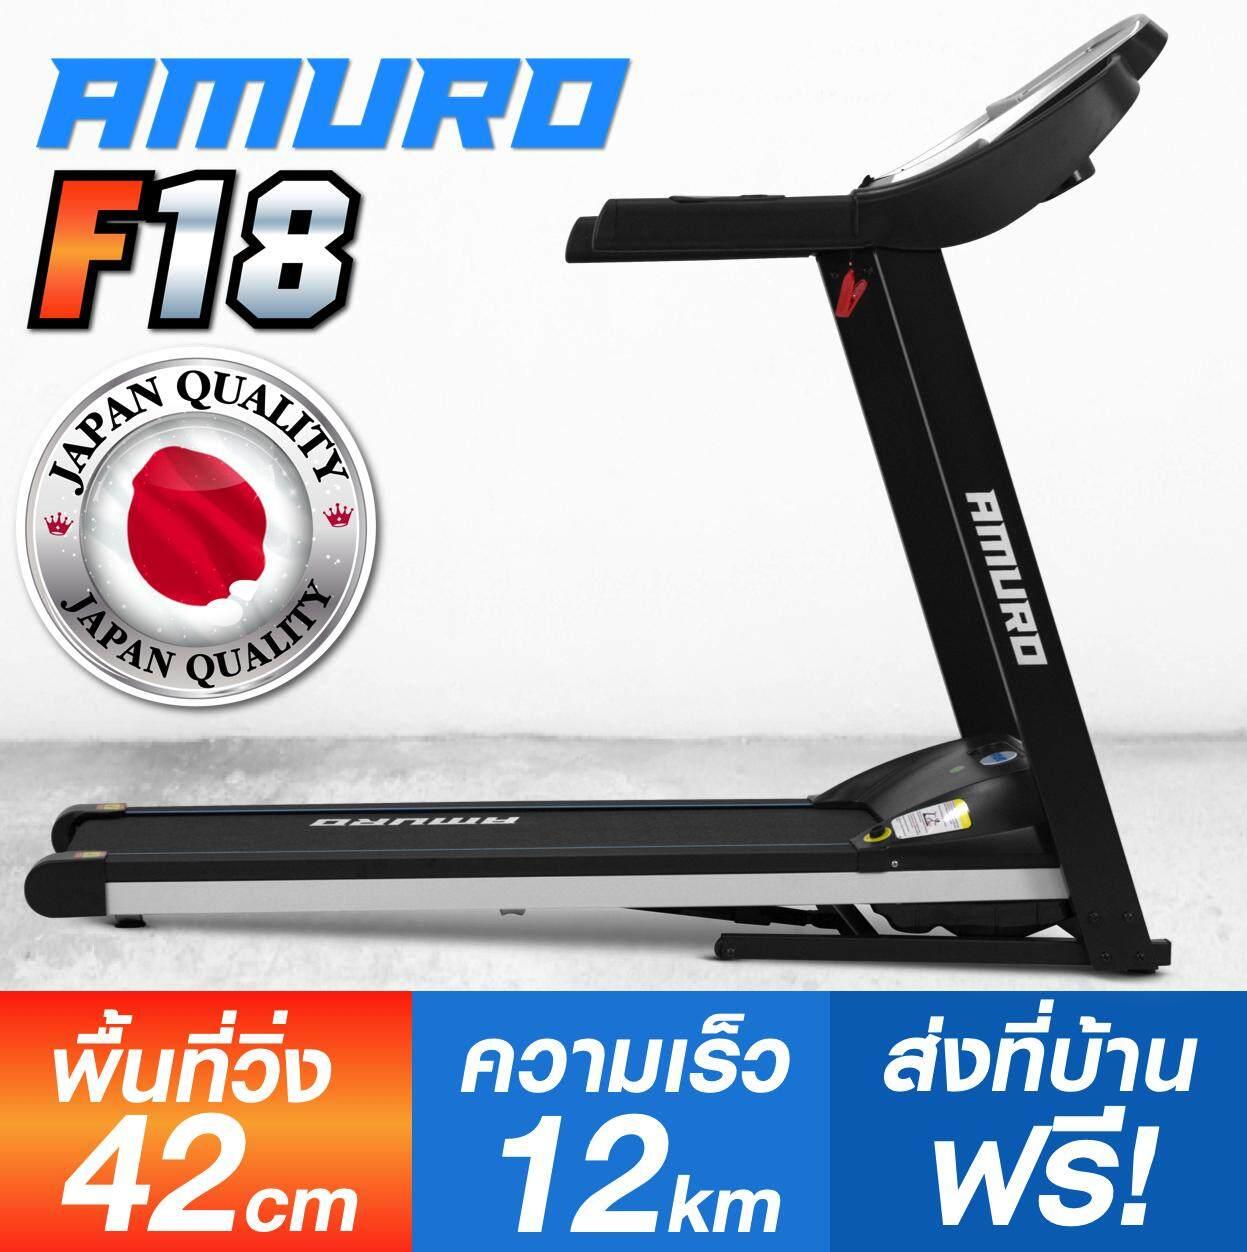 เก็บเงินปลายทางได้ ลู่วิ่งไฟฟ้า 2.5 แรงม้า AMURO Treadmill ฟังเพลงได้ เชื่อมต่อมือถือ รุ่น F18